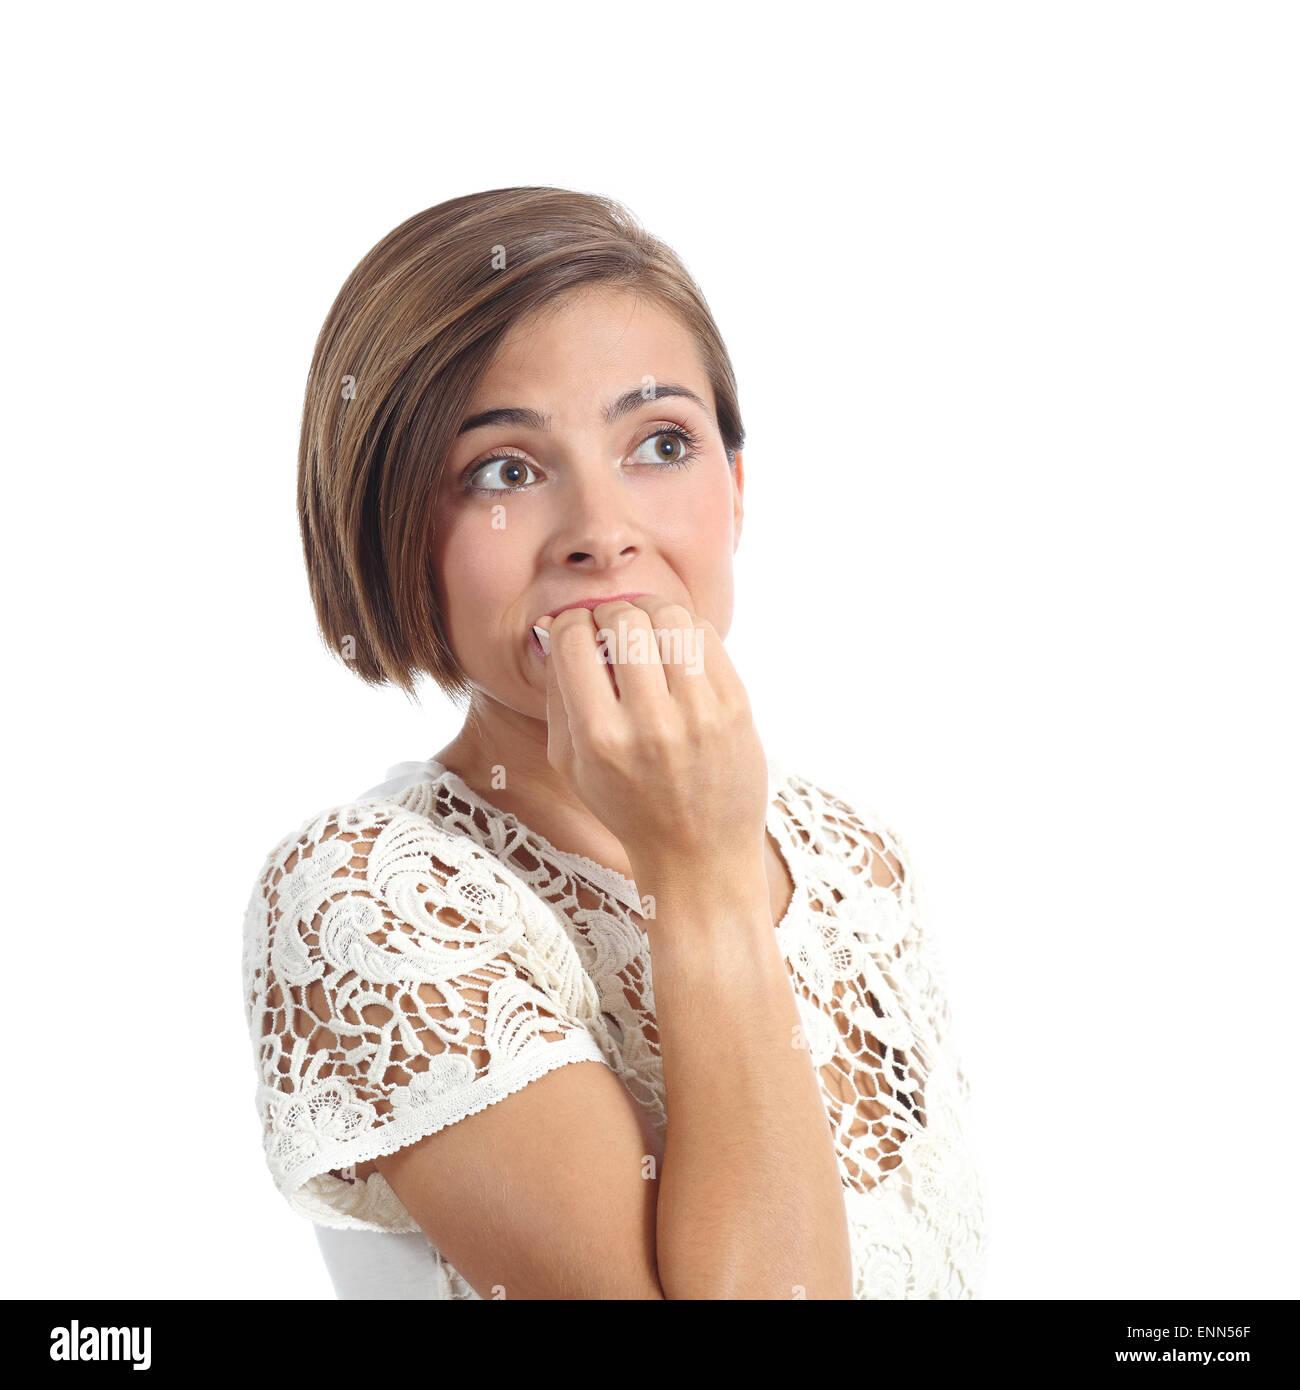 Preocupado mujer mordiendo las uñas nervioso aislado sobre un fondo blanco. Imagen De Stock